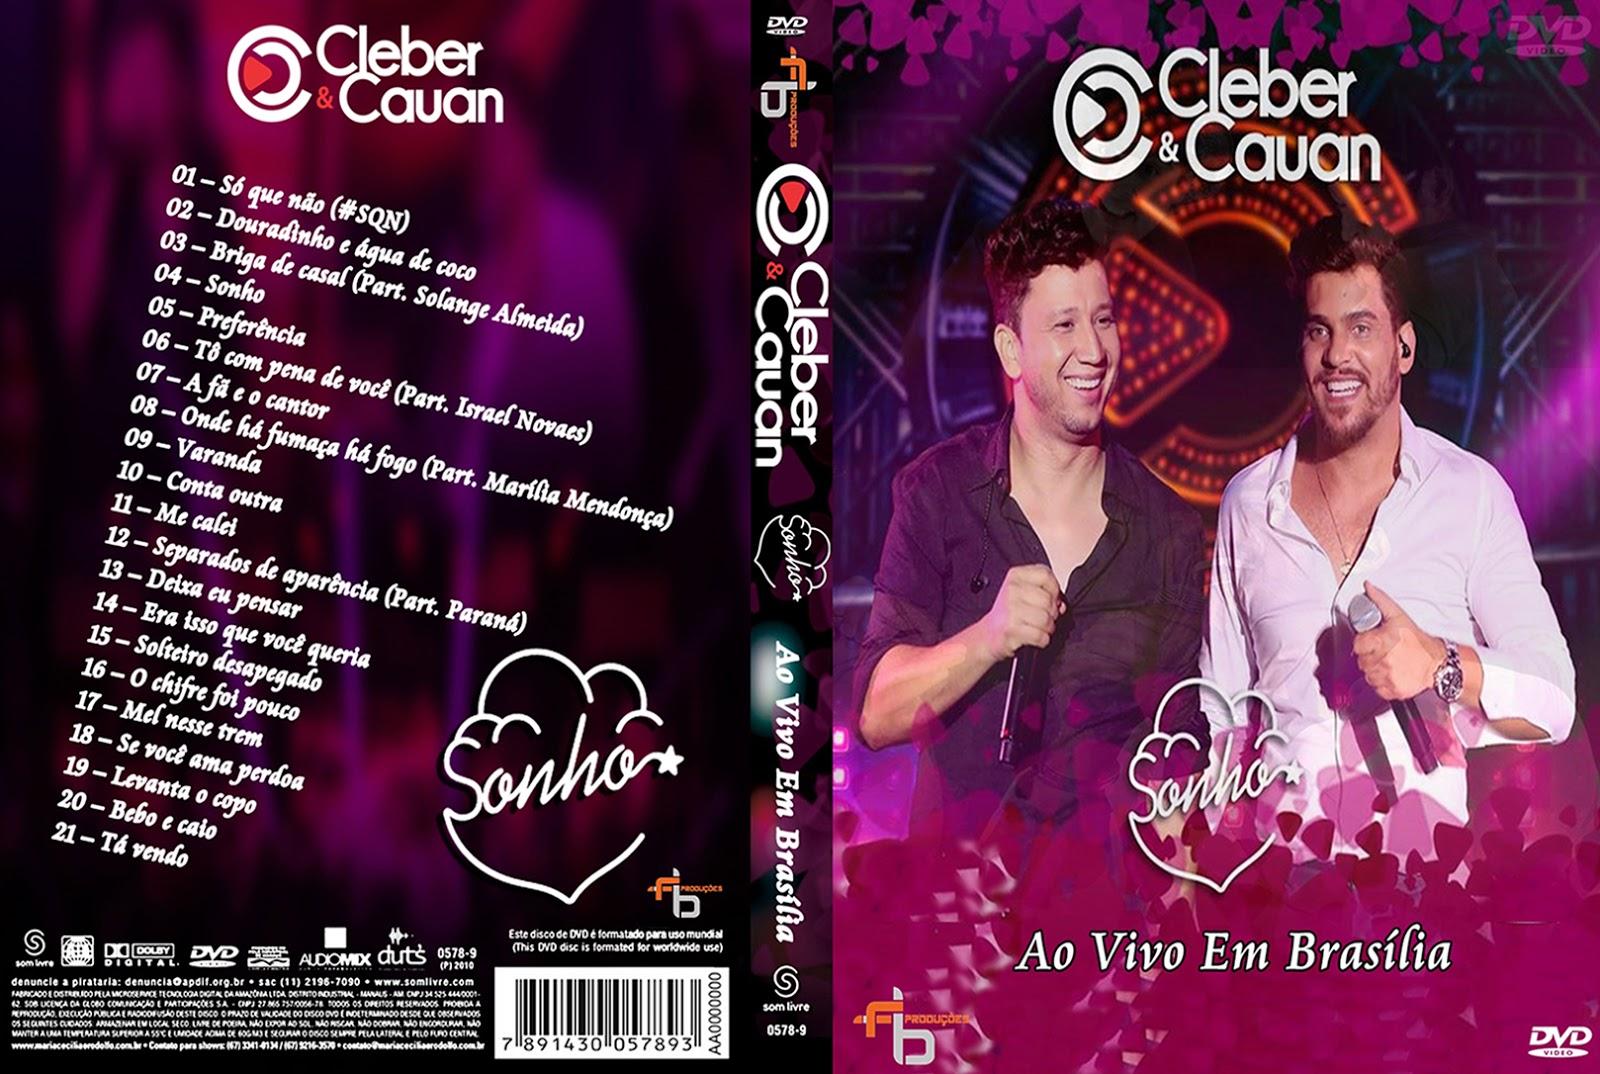 Cleber & Cauan Sonho Ao Vivo Em Brasilia DVD-R + BDRip Cleber 2B 2526 2BCauan 2BAo 2BVivo 2BEm 2BBrasilia 2BDVD R 2BXANDAODOWNLOAD